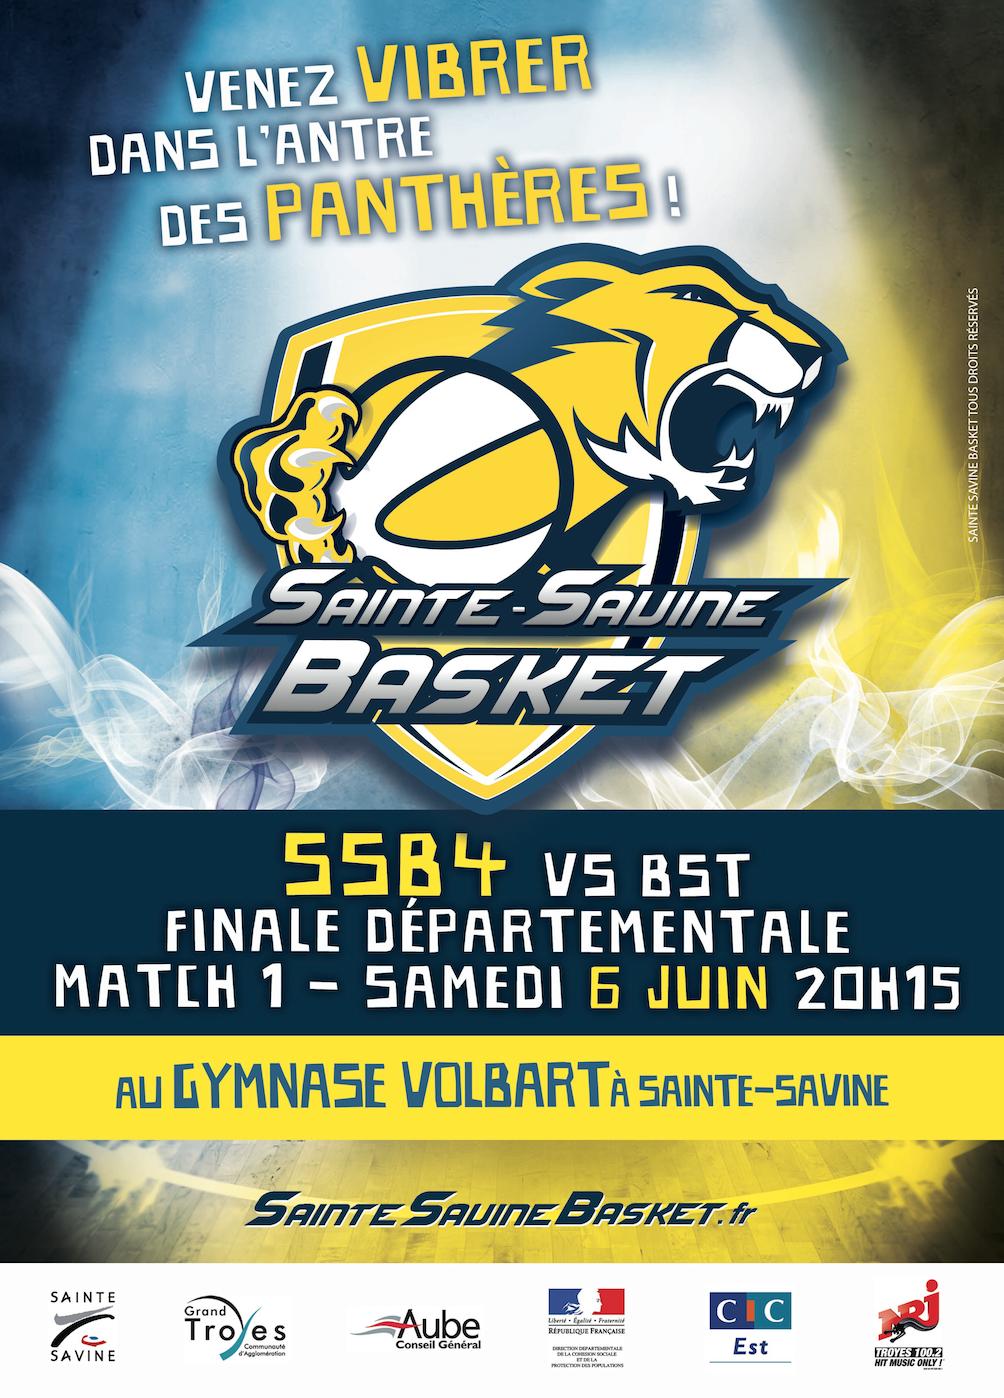 SSB4 BST match 1